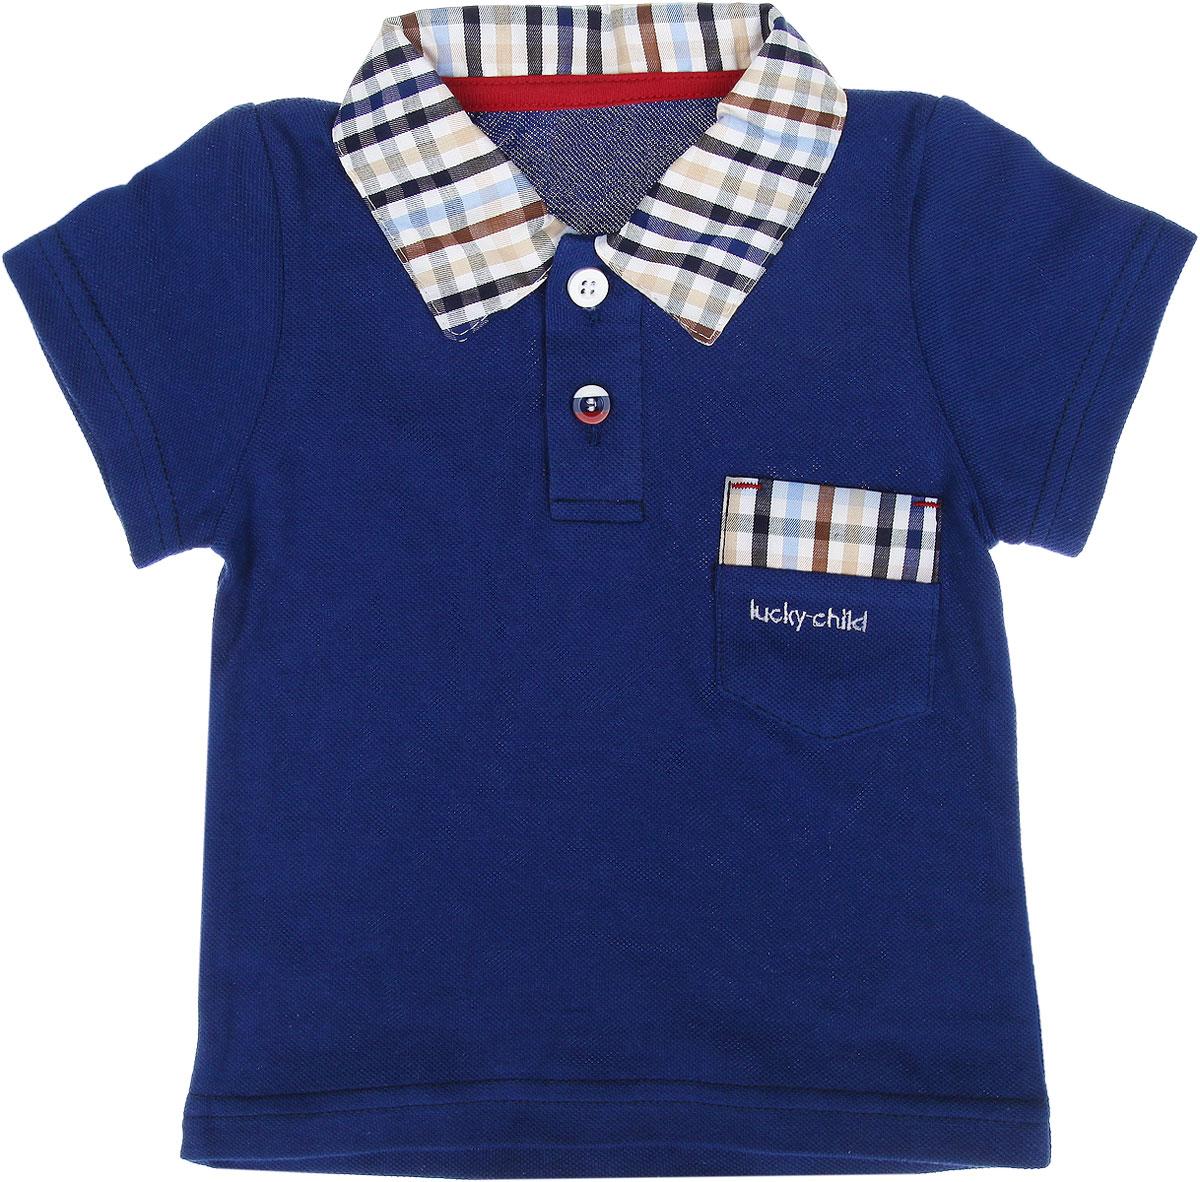 Поло40-50Модная футболка-поло для мальчика Lucky Child идеально подойдет для вашего маленького мужчины. Изготовленная из натурального хлопка, она необычайно мягкая и приятная на ощупь, не сковывает движения и позволяет коже дышать, не раздражает даже самую нежную и чувствительную кожу, обеспечивая наибольший комфорт. Футболка с короткими рукавами и отложным воротником-поло спереди застегивается на две пуговицы. На груди предусмотрен накладной кармашек. Воротник и верхняя часть кармана оформлены принтом в клетку. Современный дизайн и расцветка делают эту футболку модным и стильным предметом детского гардероба. В ней ваш ребенок будет чувствовать себя уютно и комфортно, и всегда будет в центре внимания!